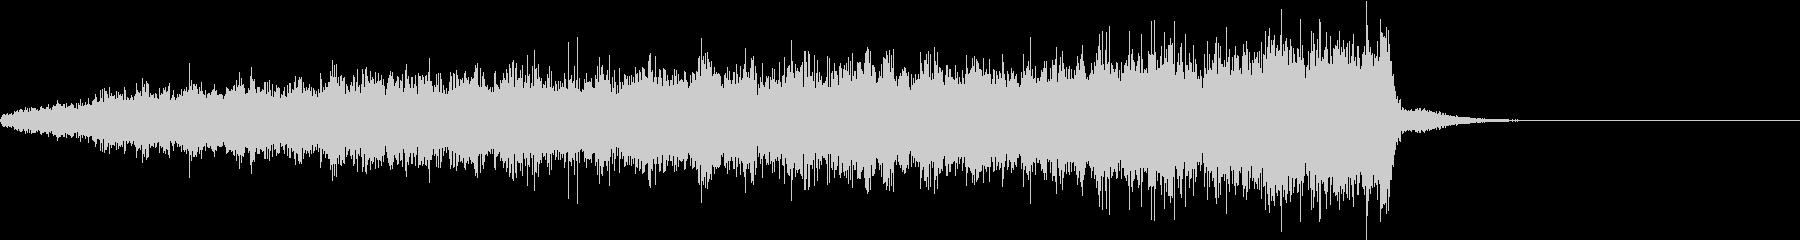 ビューン(EDMによくある上昇音)の未再生の波形